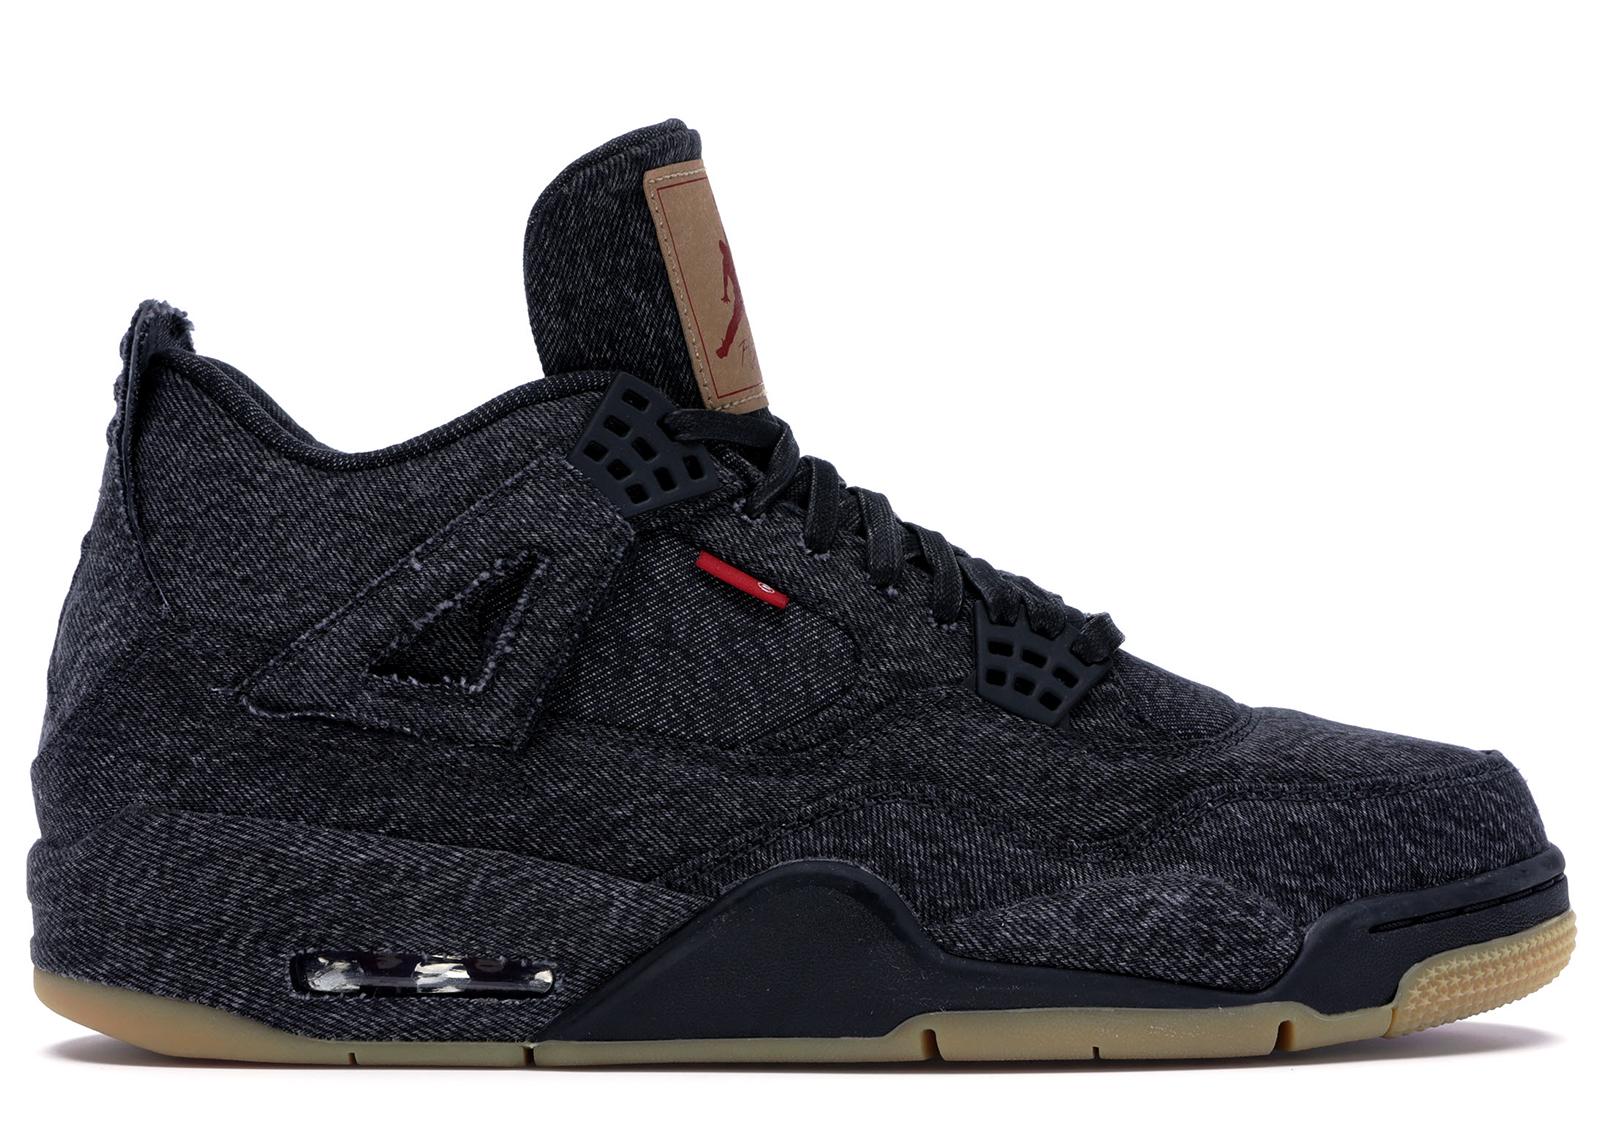 Jordan 4 Retro Levi's Black (Blank Tag